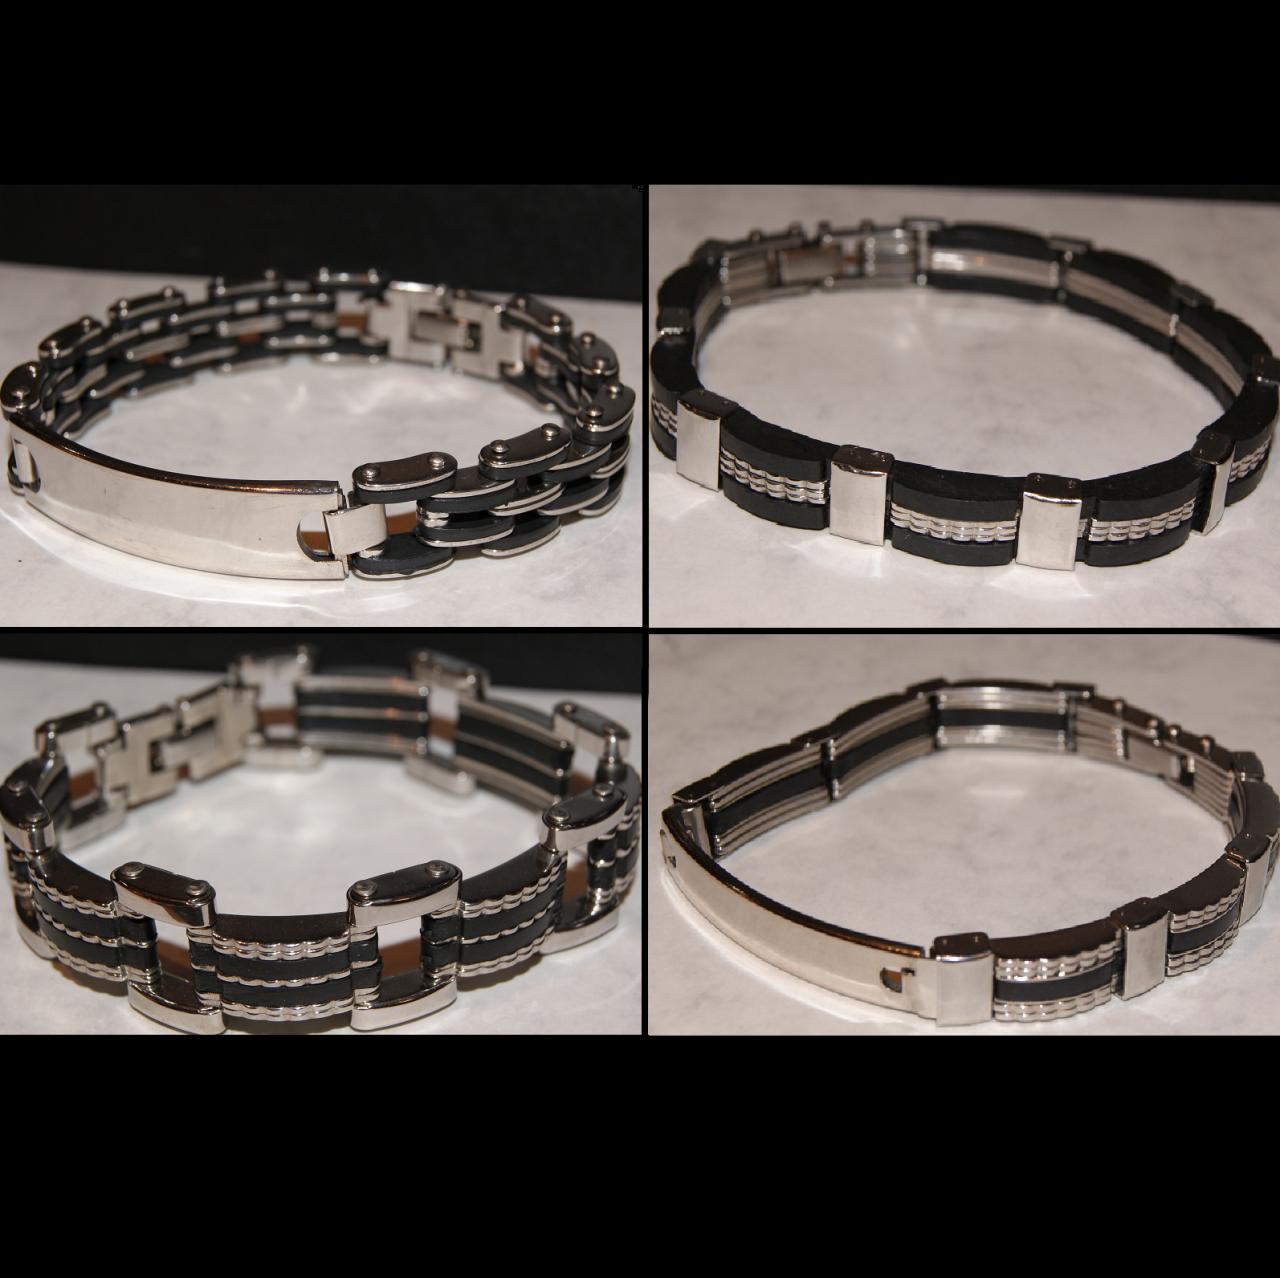 armbands2